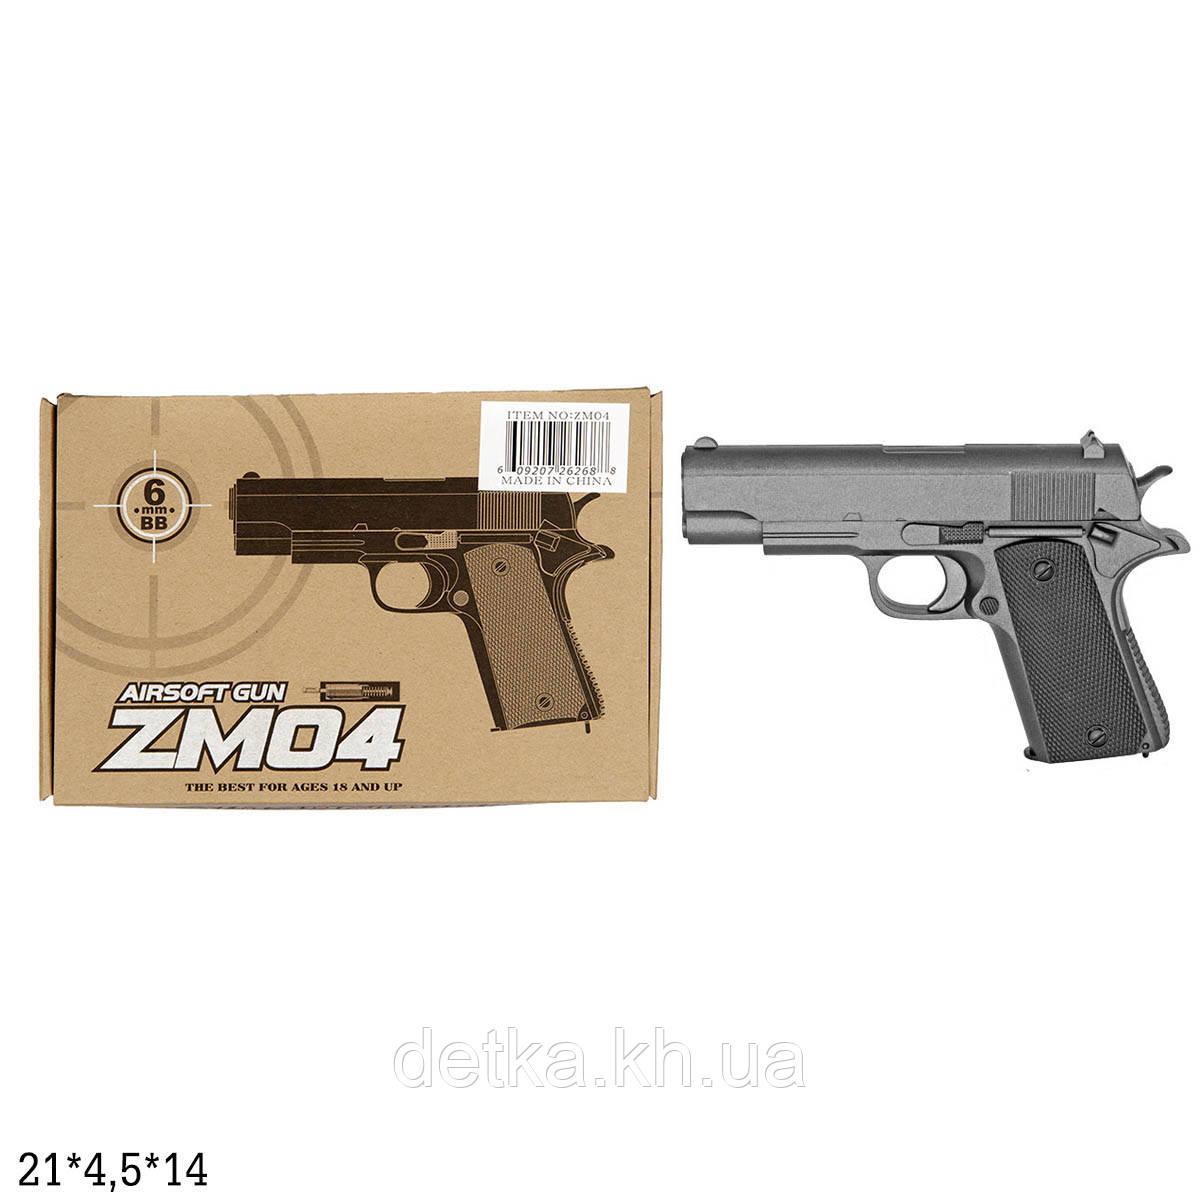 Пистолет CYMA ZM04 с пульками метал. пластик, детское оружие